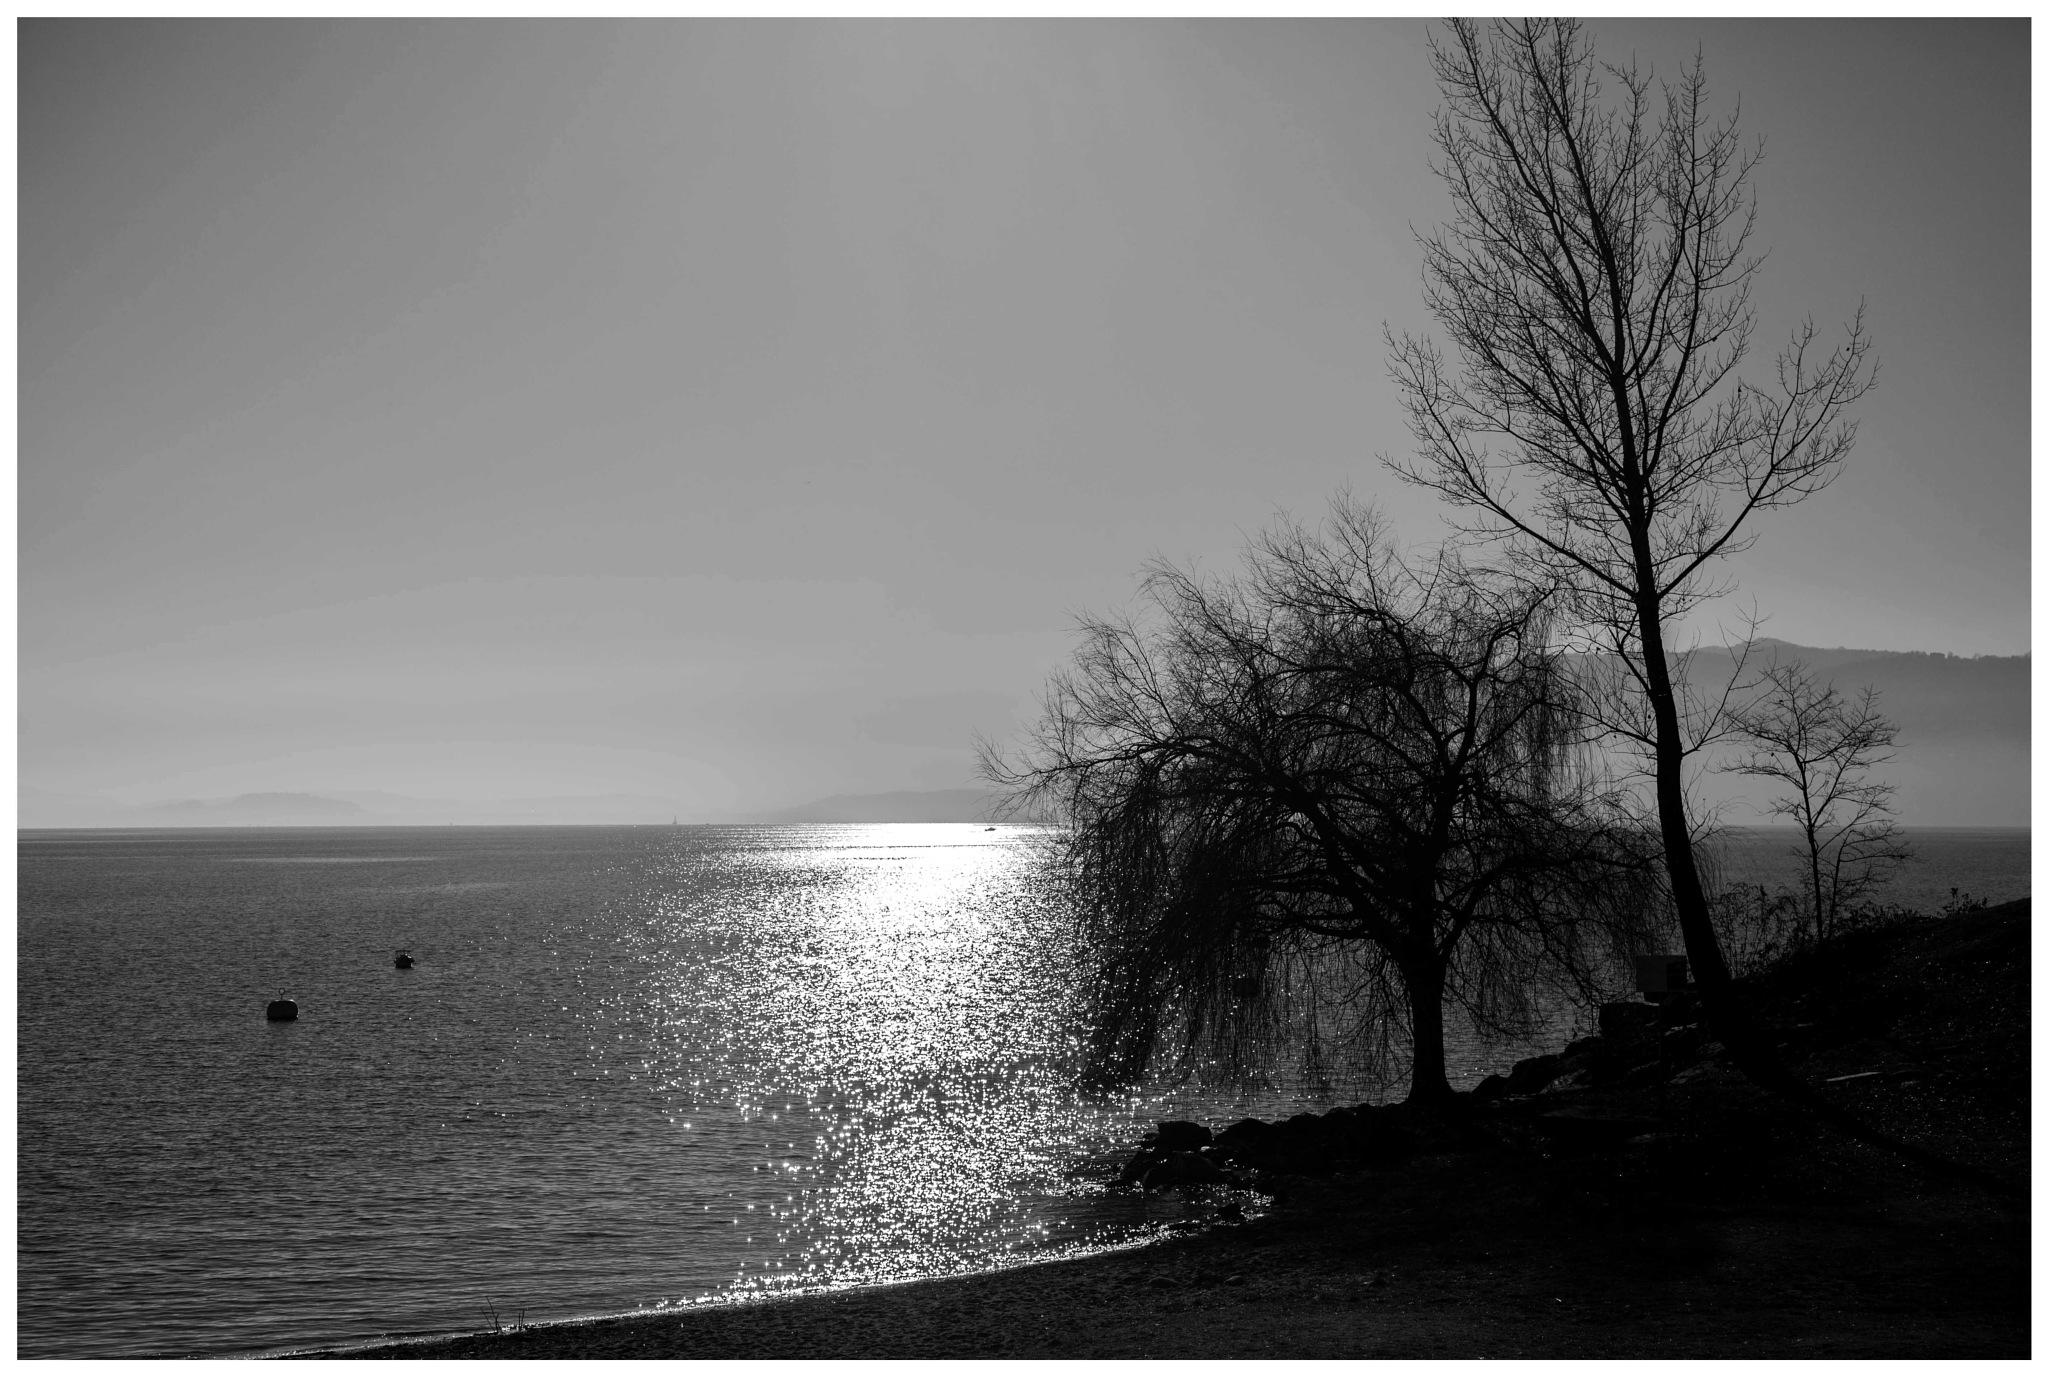 lago maggiore by bcorech